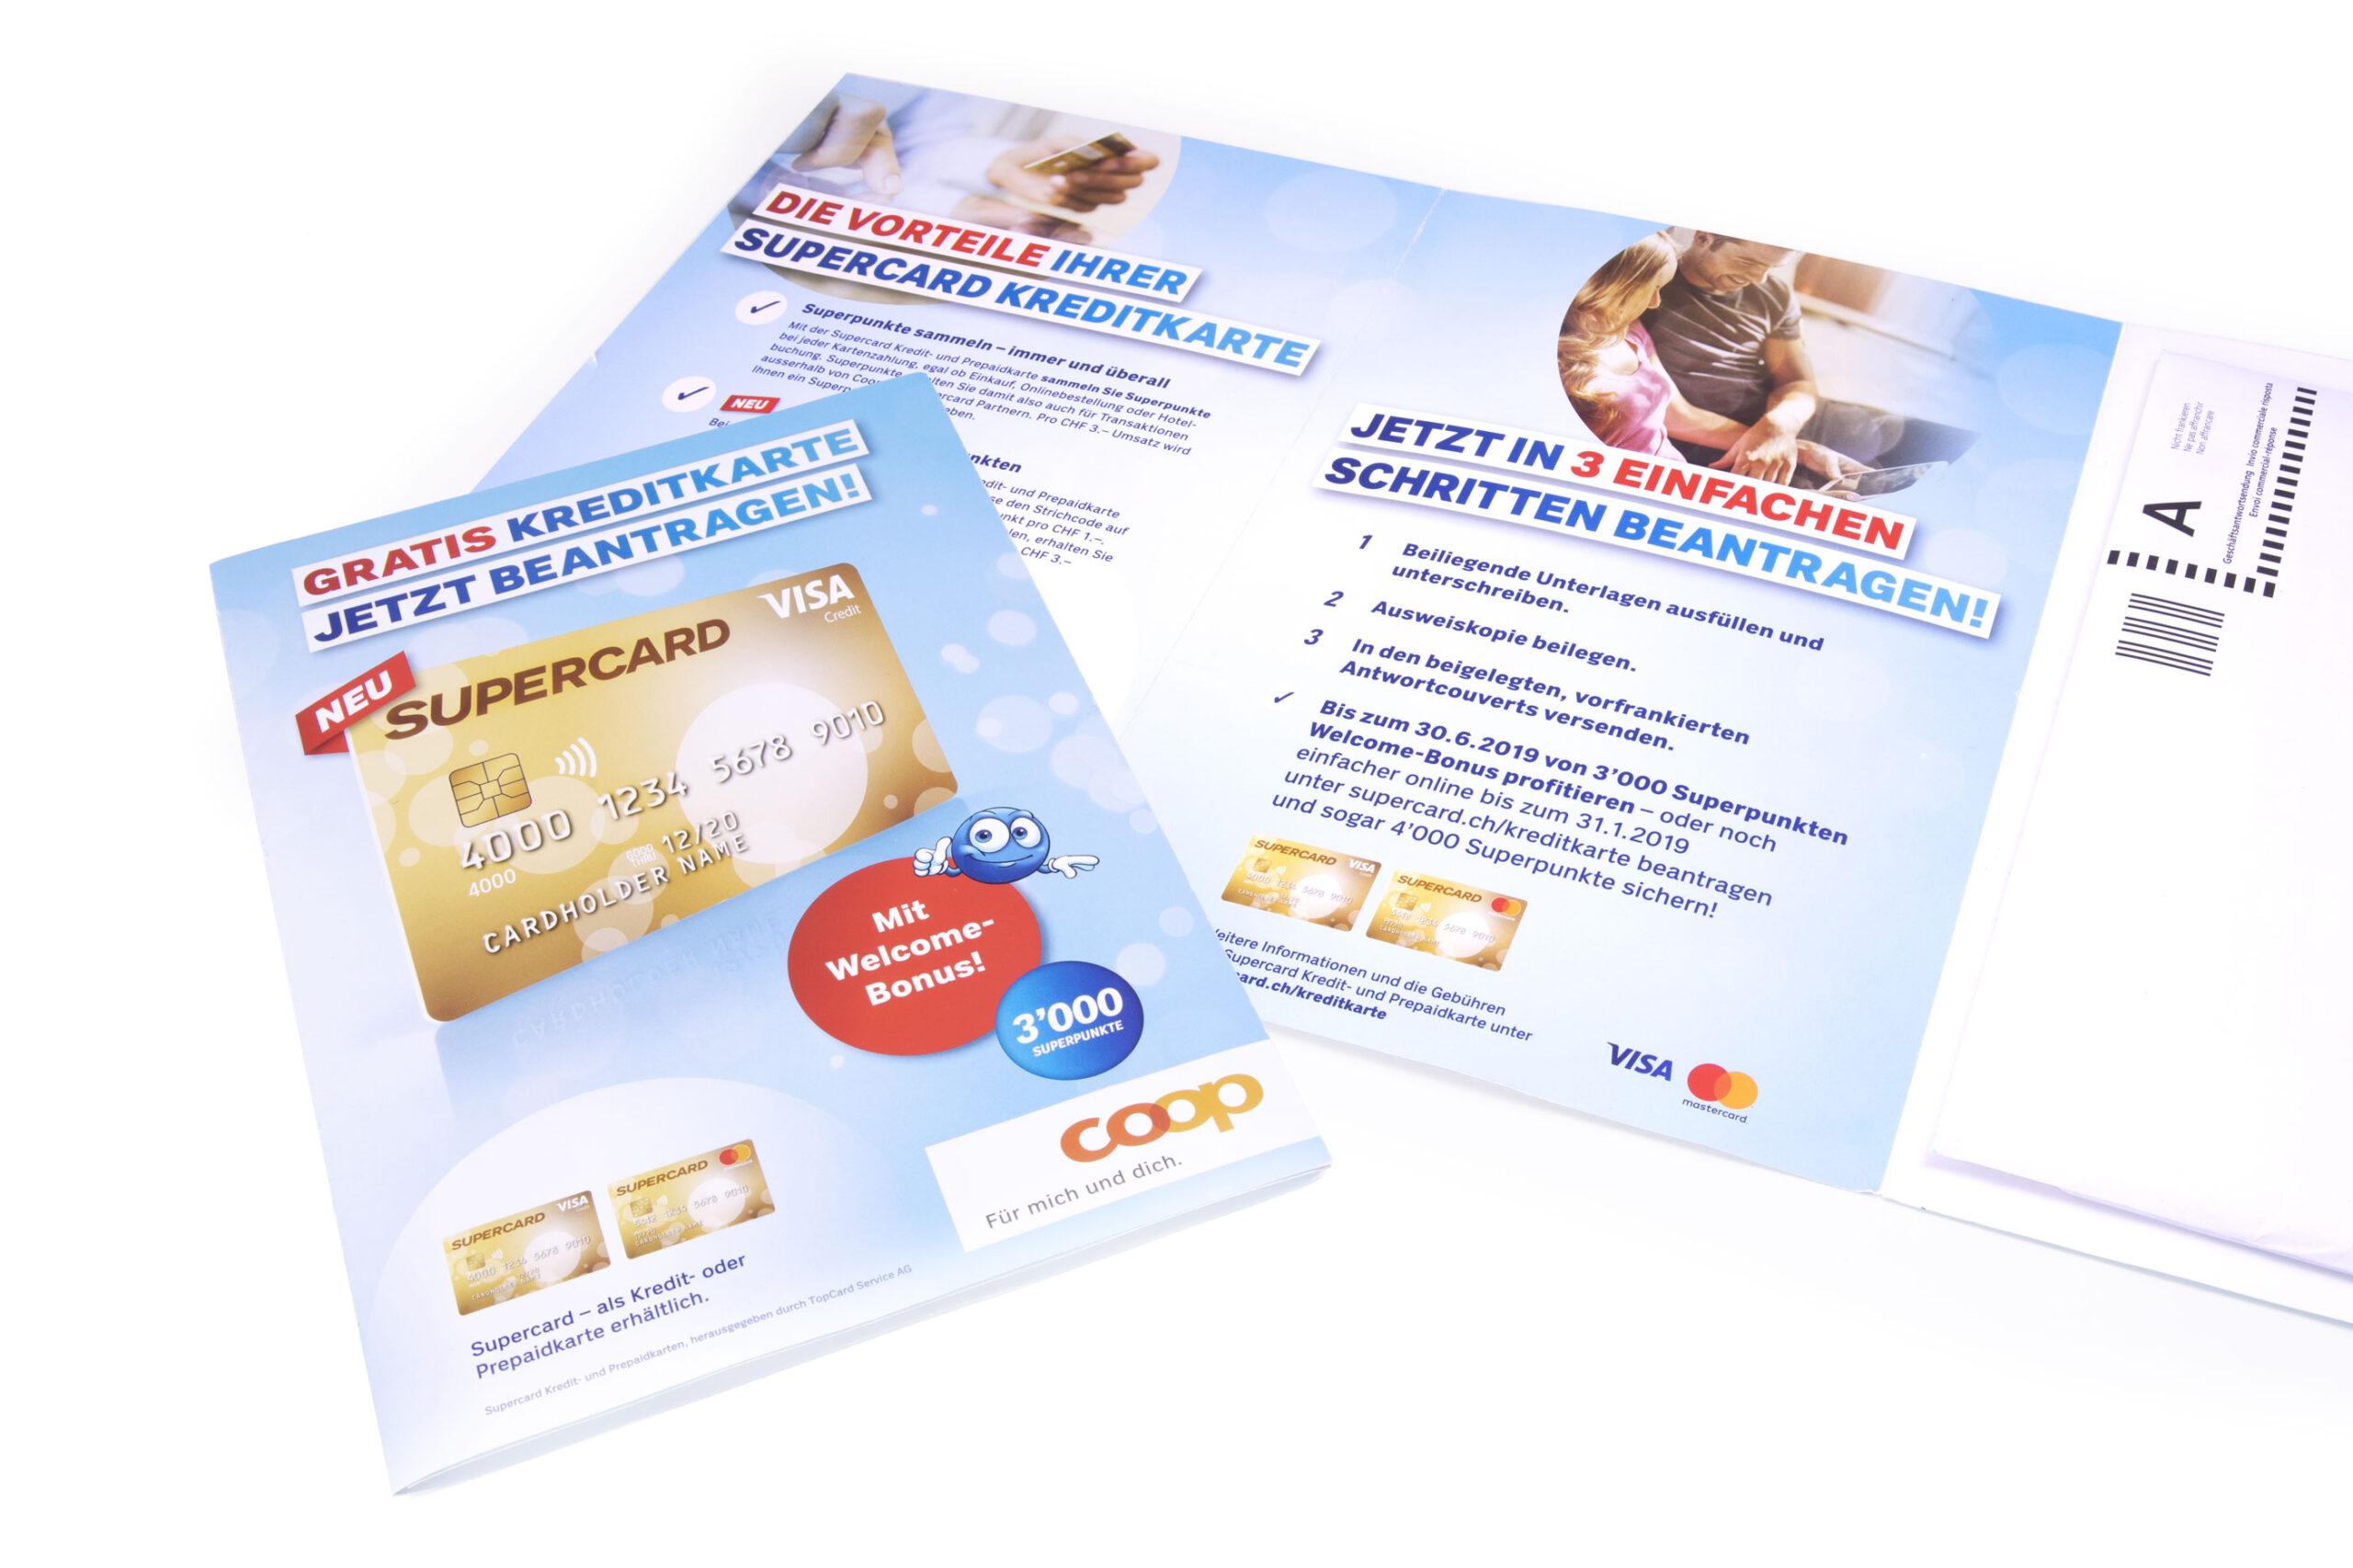 Direct Mailing für die Supercard Kreditkarte